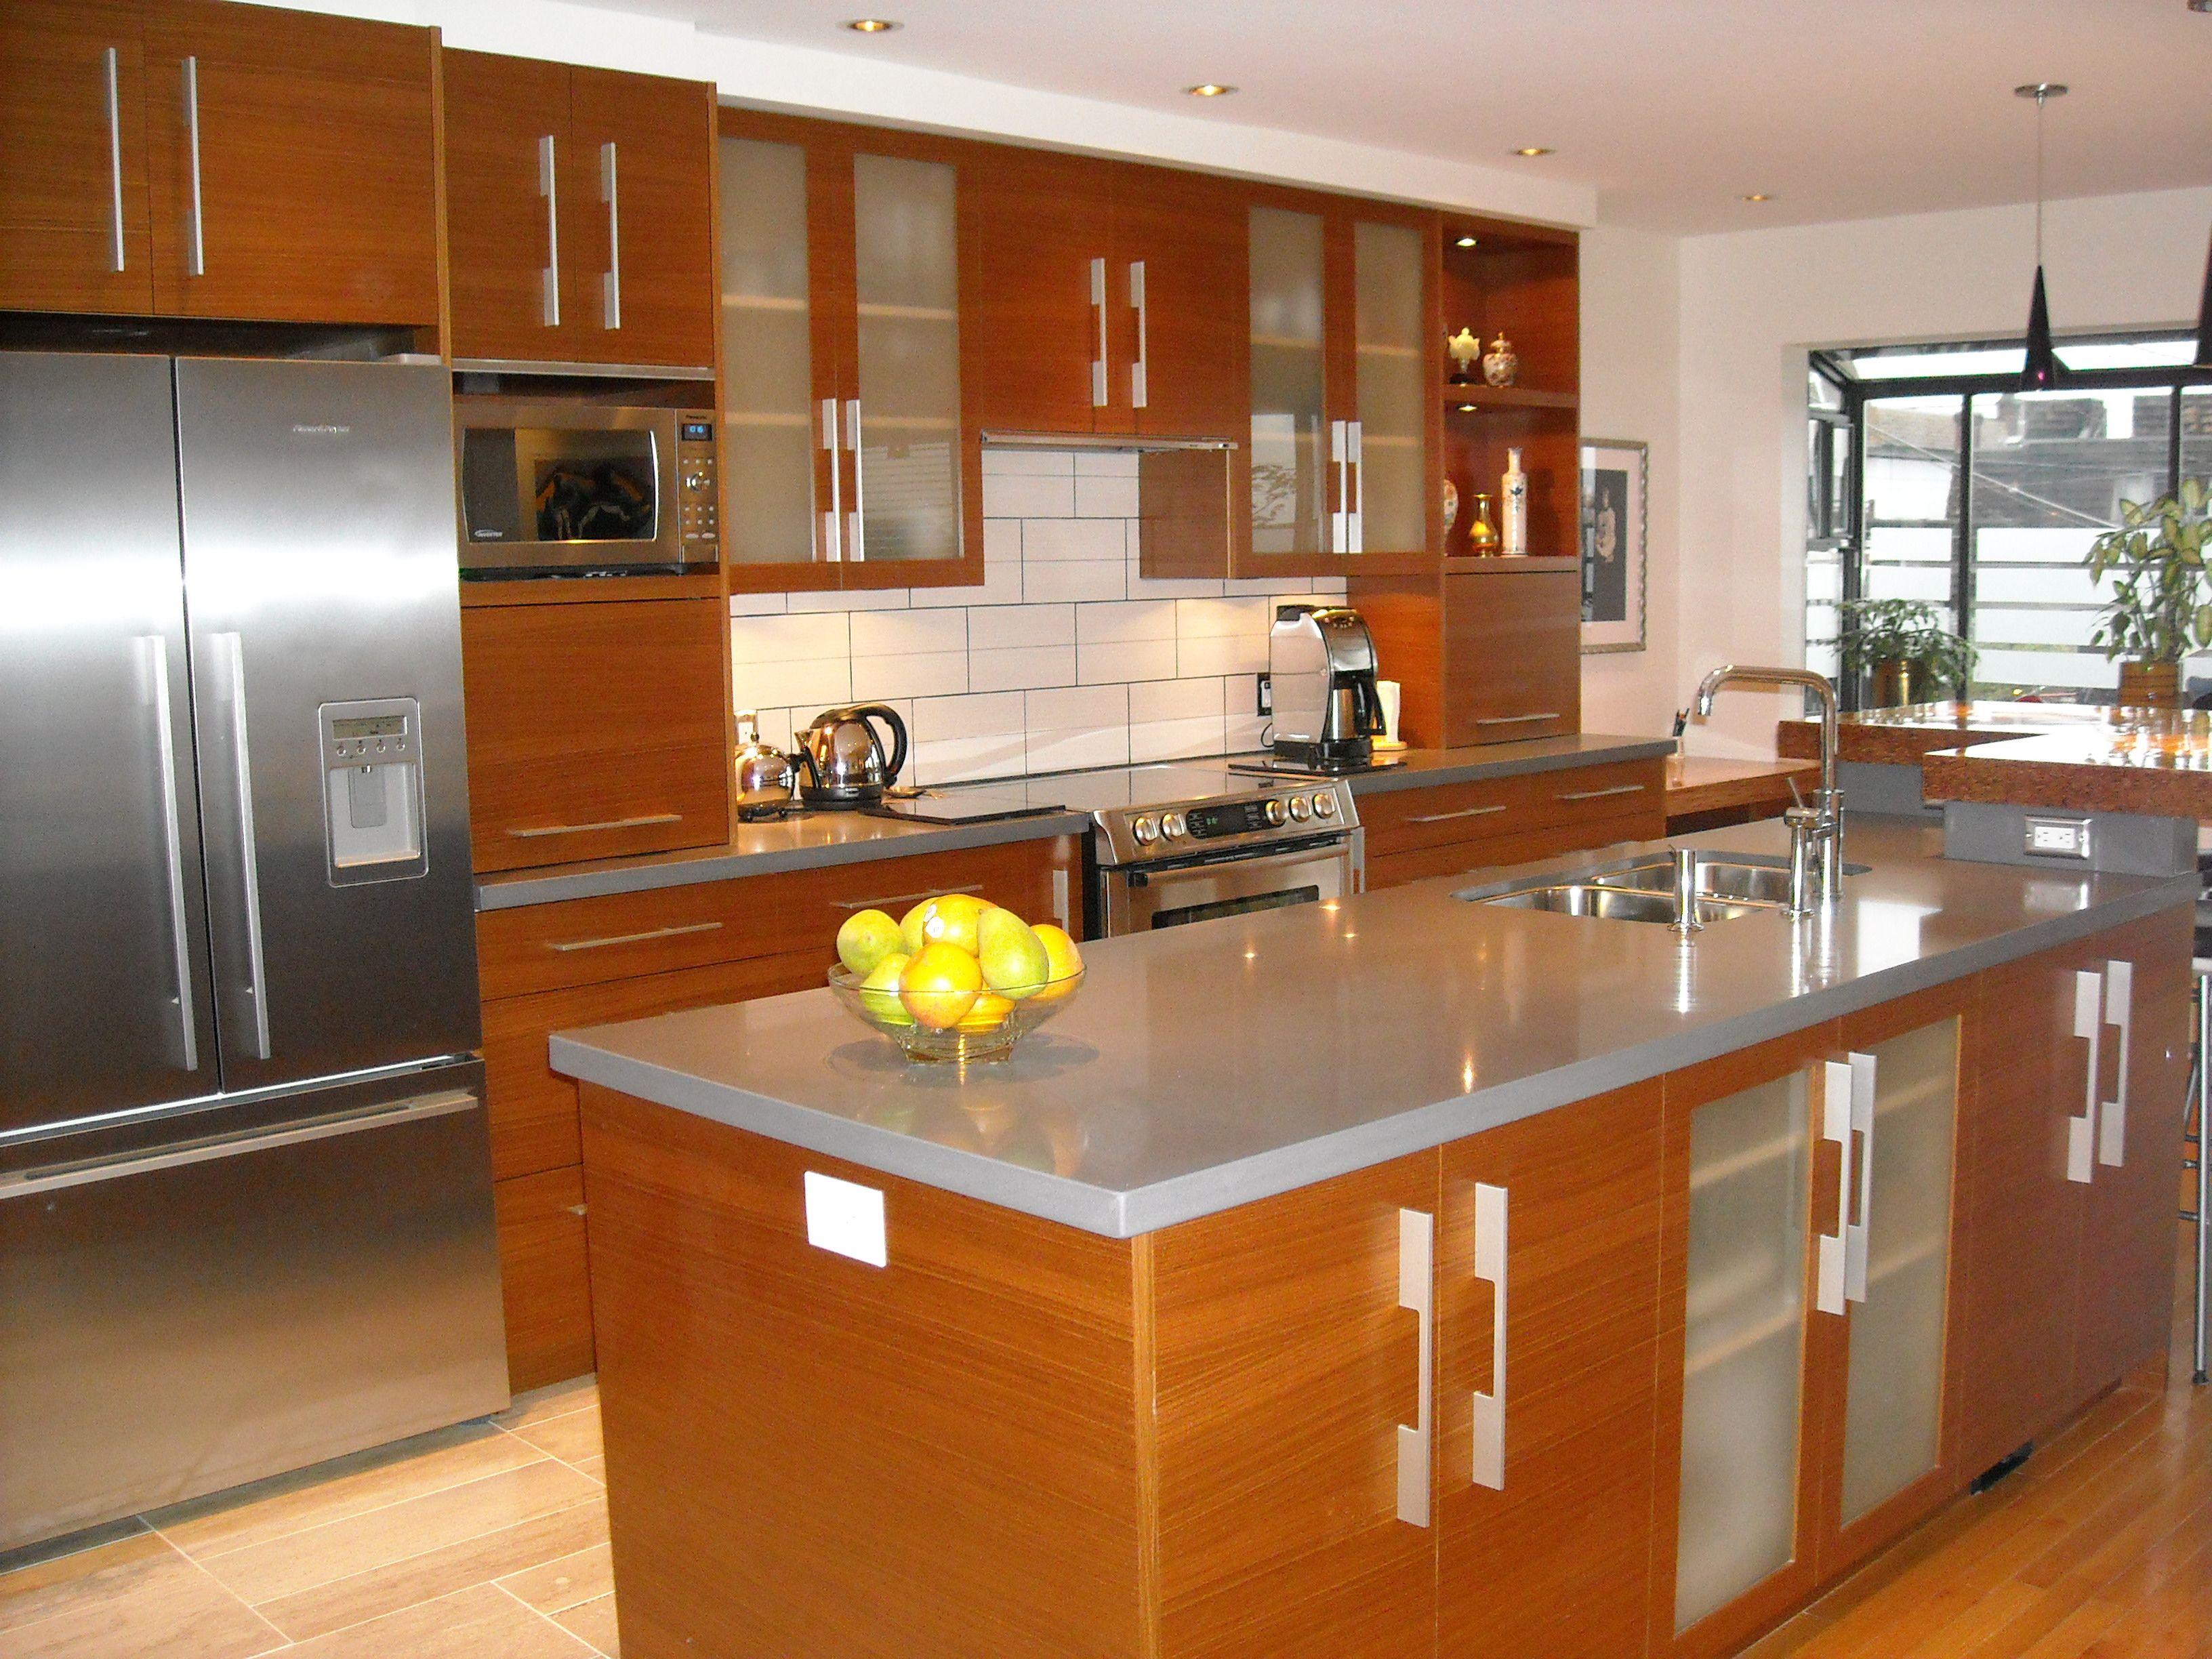 Küche Interieur Design Bilder Küche Designs Und Mehr Küche Design ...